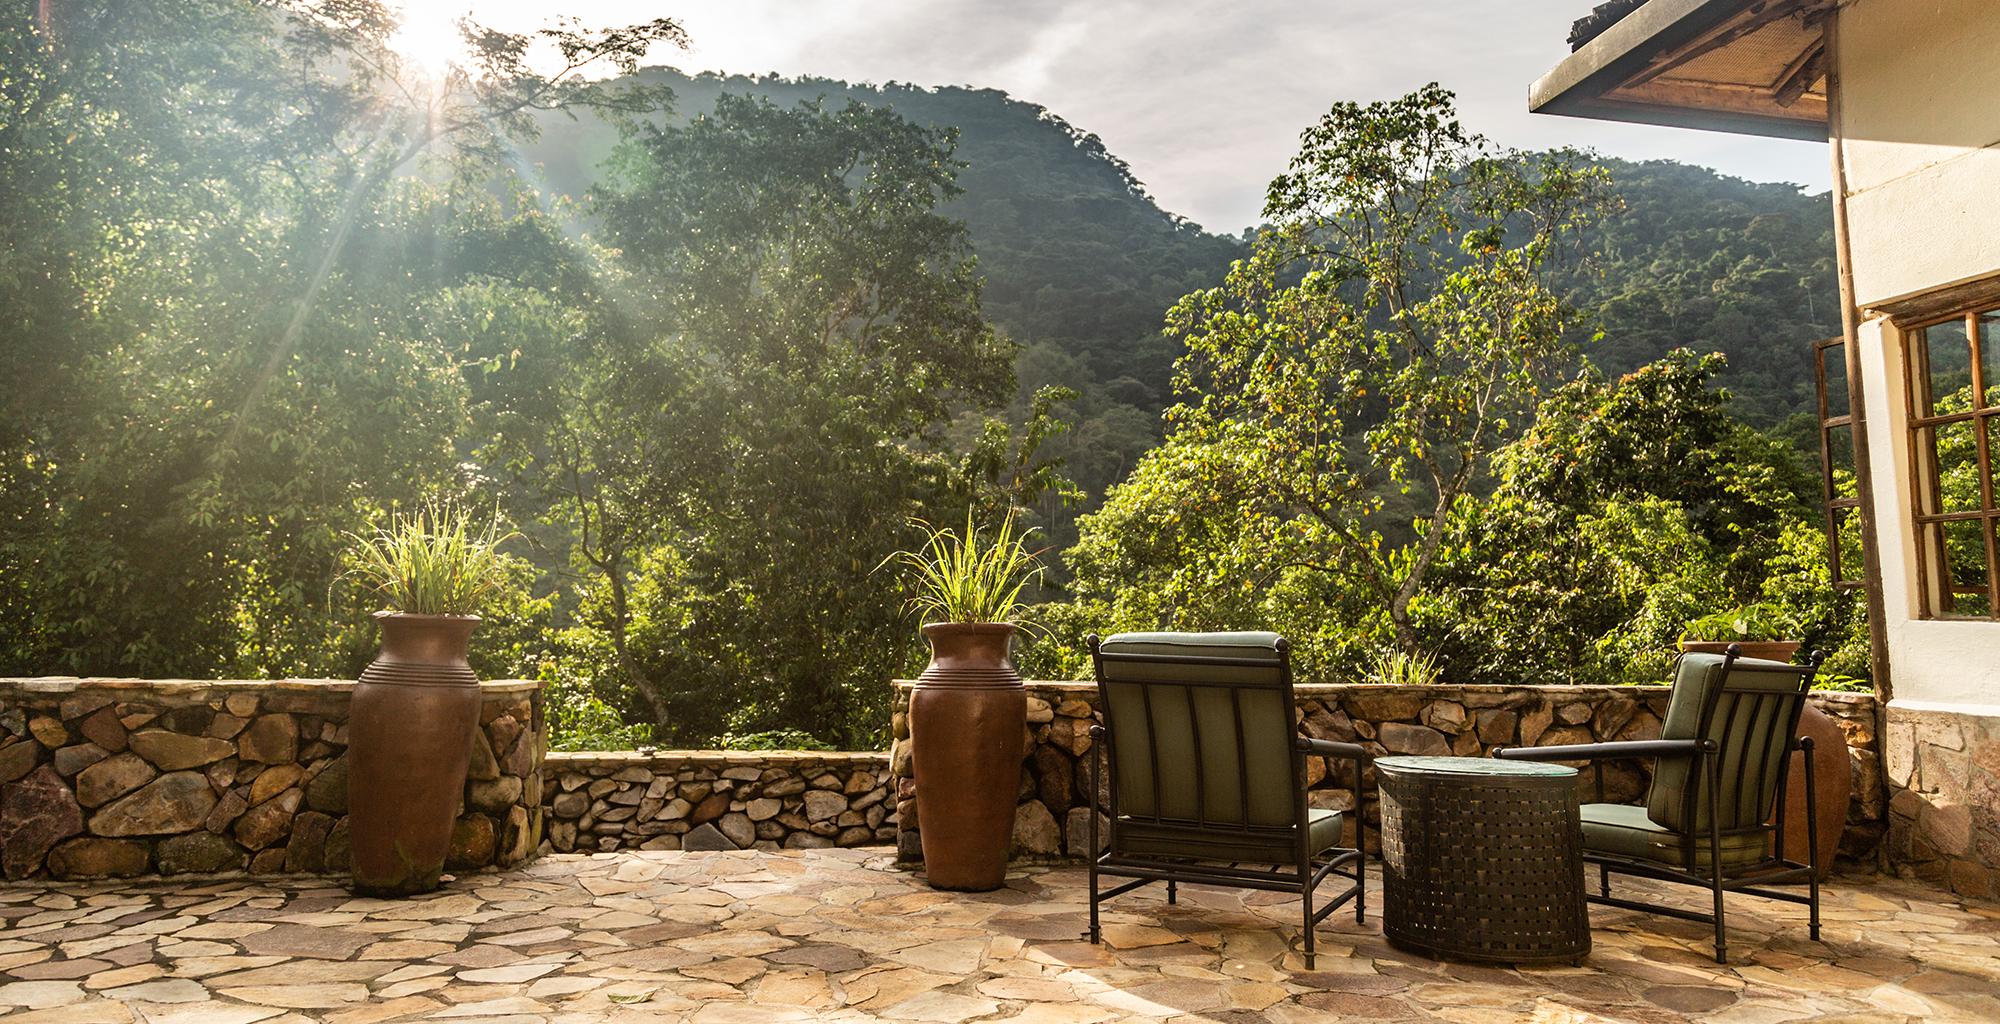 Uganda-Bwindi-Lodge-Patio